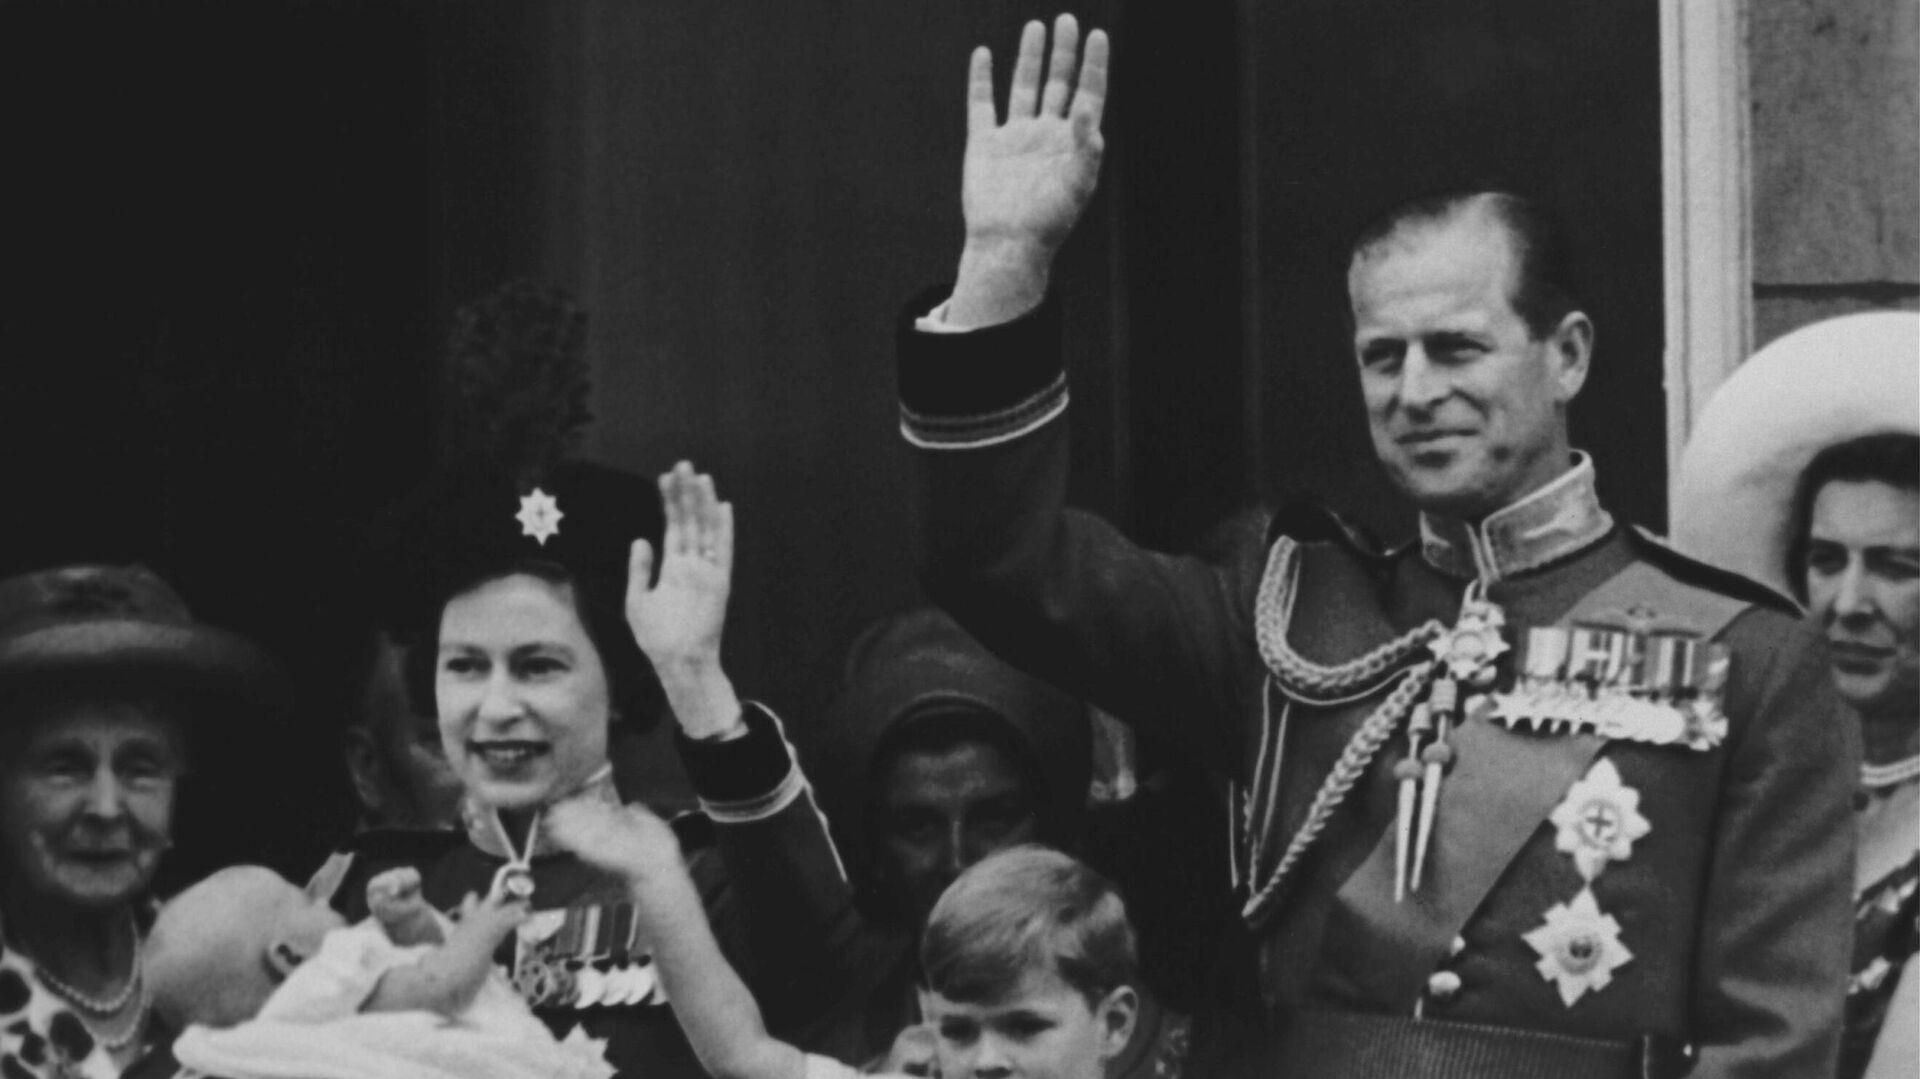 La reina Isabel II junto al príncipe Felipe de Edimburgo en 1964 - Sputnik Mundo, 1920, 09.04.2021